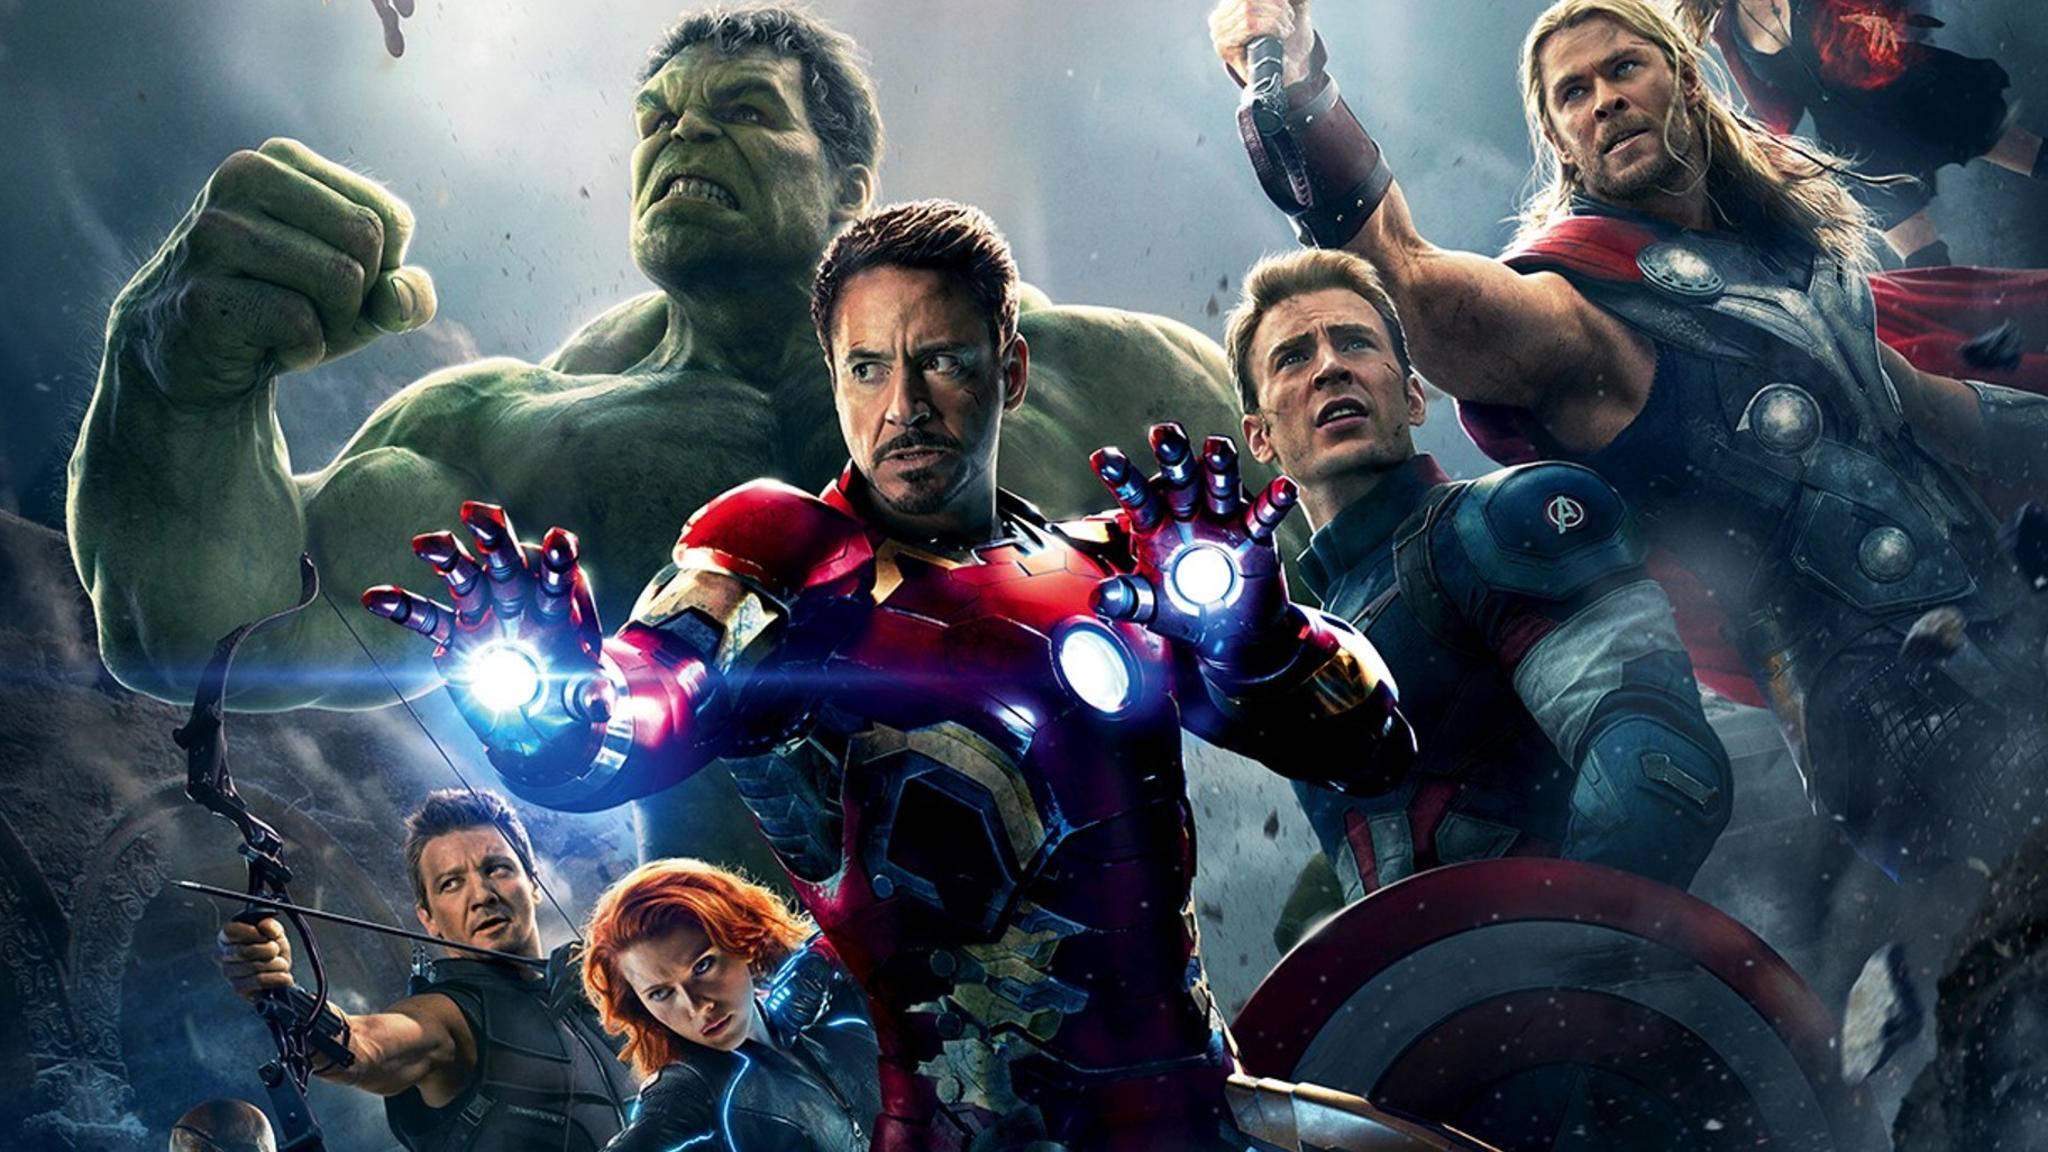 Gibt es noch im Oktober ein Wiedersehen mit den Avengers oder müssen sich die Fans bis zur Vorweihnachtszeit gedulden?